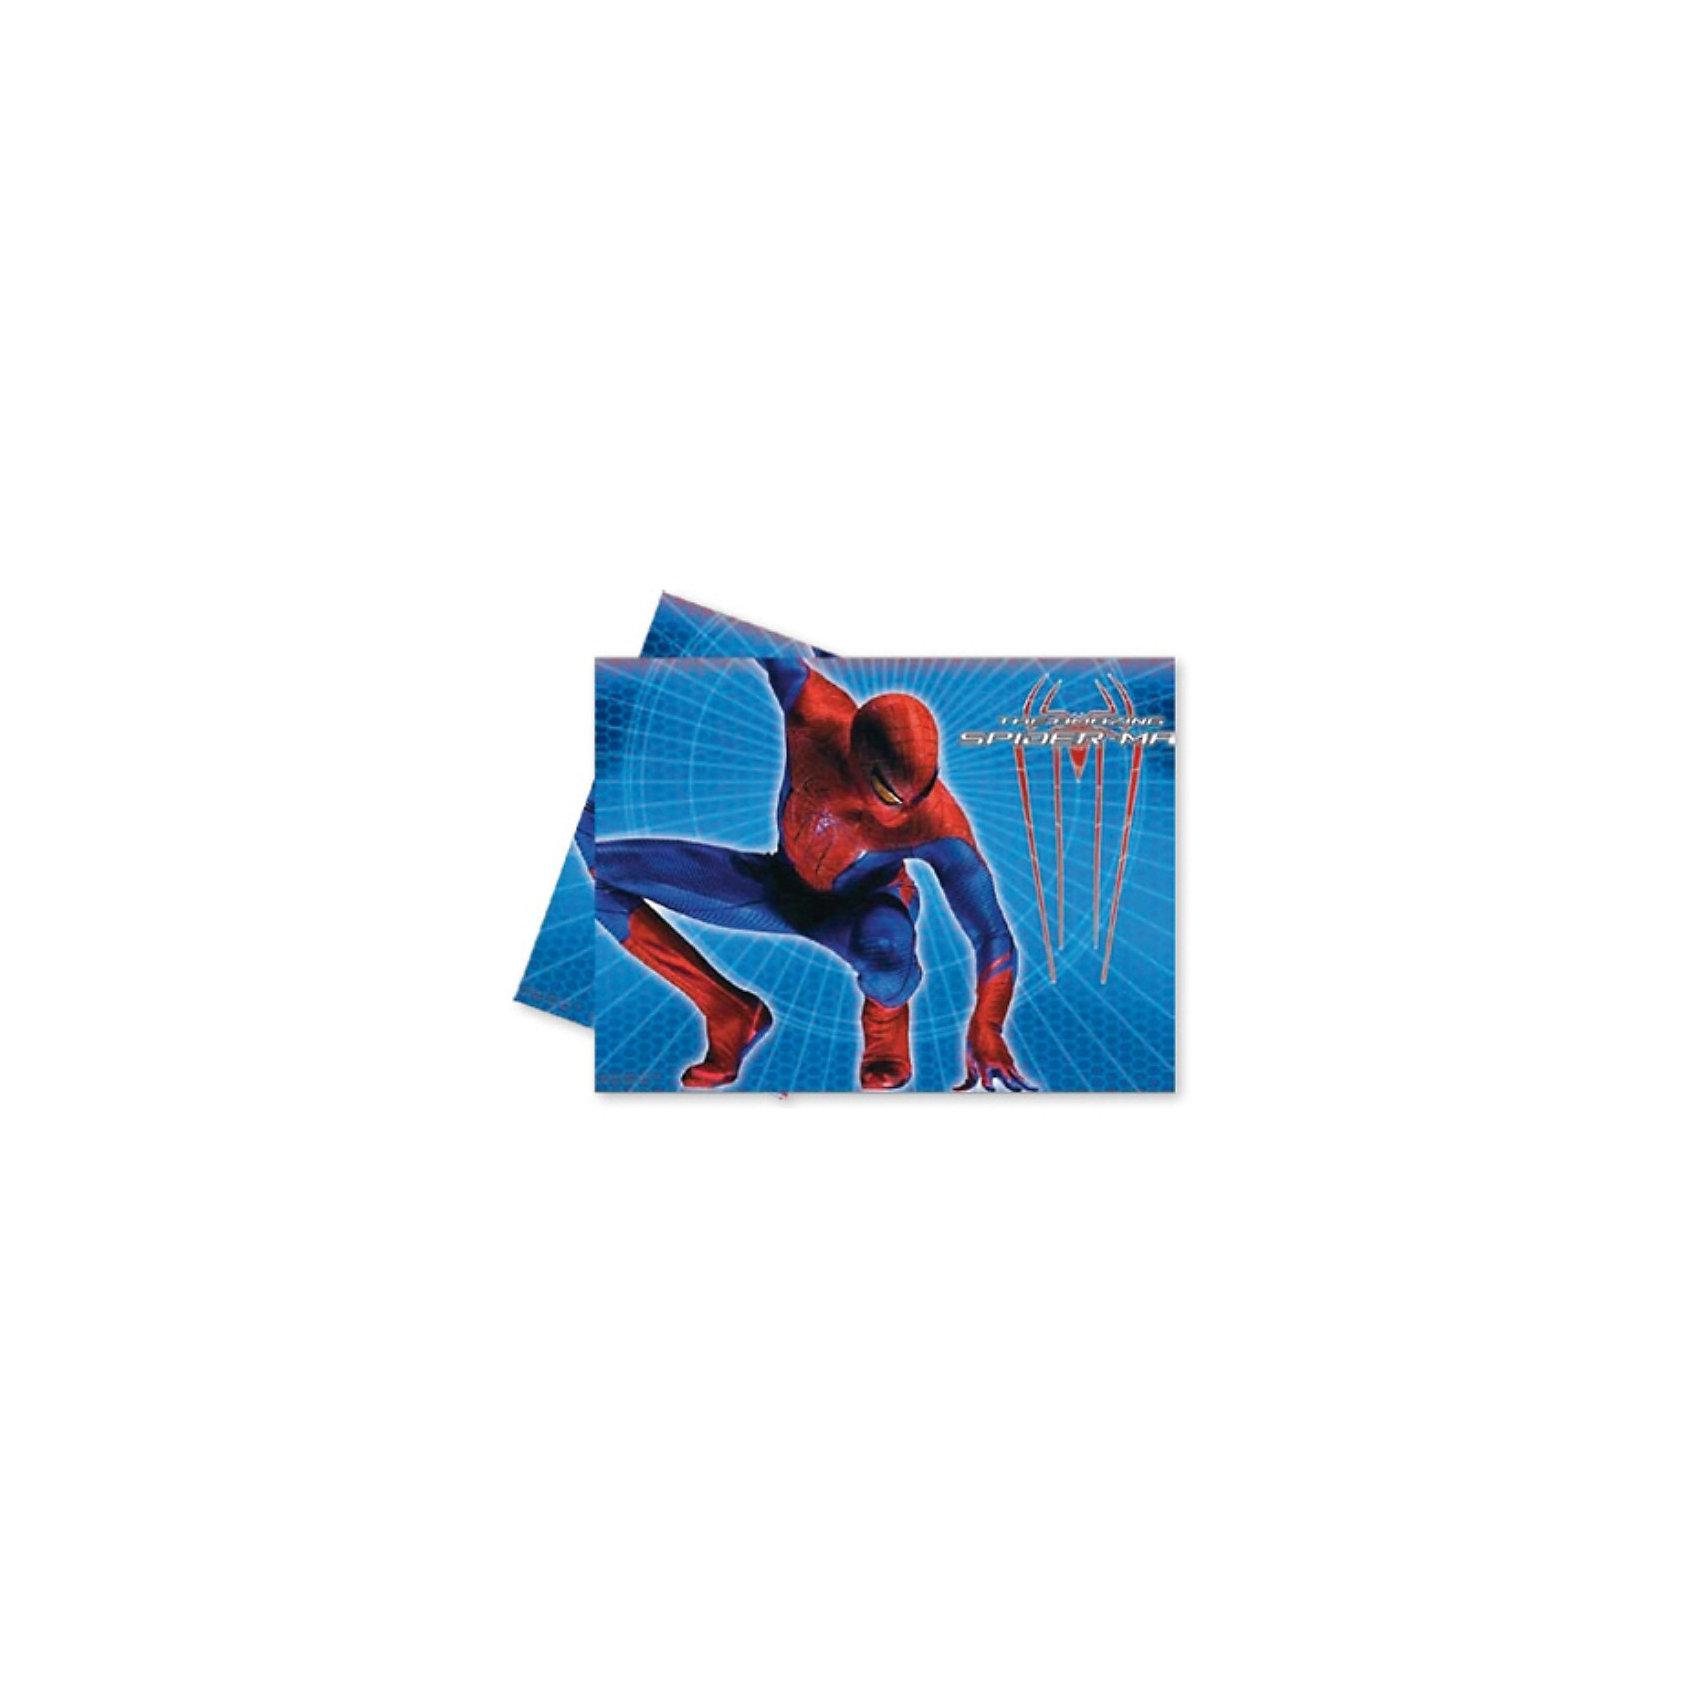 Скатерть Человек-Паук - Невероятный, 120x180 смСкатерть Человек-Паук - Невероятный 120x180 см.<br>Размер скатерти: 120х180 см.  <br>Ярким украшением праздничного стола будет скатерть, выполненная в синих тонах, с изображениями Нового Человека-Паука – главного героя одноименного фильма. Порадуйте детей красивым столом с любимой героиней мультфильма.  <br>Материал скатерти: полиэтилен. В набор входит 1 скатерть с Новым Человеком-Пауком.  <br><br><br>Дополнительная информация:<br><br>Серия: Человек-Паук (Spider-Man)<br>10х200х360 мм<br><br>Поднимет настроение всей компании Вашего малыша!<br>Легко приобрести в нашем интернет-магазине!<br><br>Ширина мм: 10<br>Глубина мм: 200<br>Высота мм: 360<br>Вес г: 112<br>Возраст от месяцев: 36<br>Возраст до месяцев: 84<br>Пол: Мужской<br>Возраст: Детский<br>SKU: 3360095